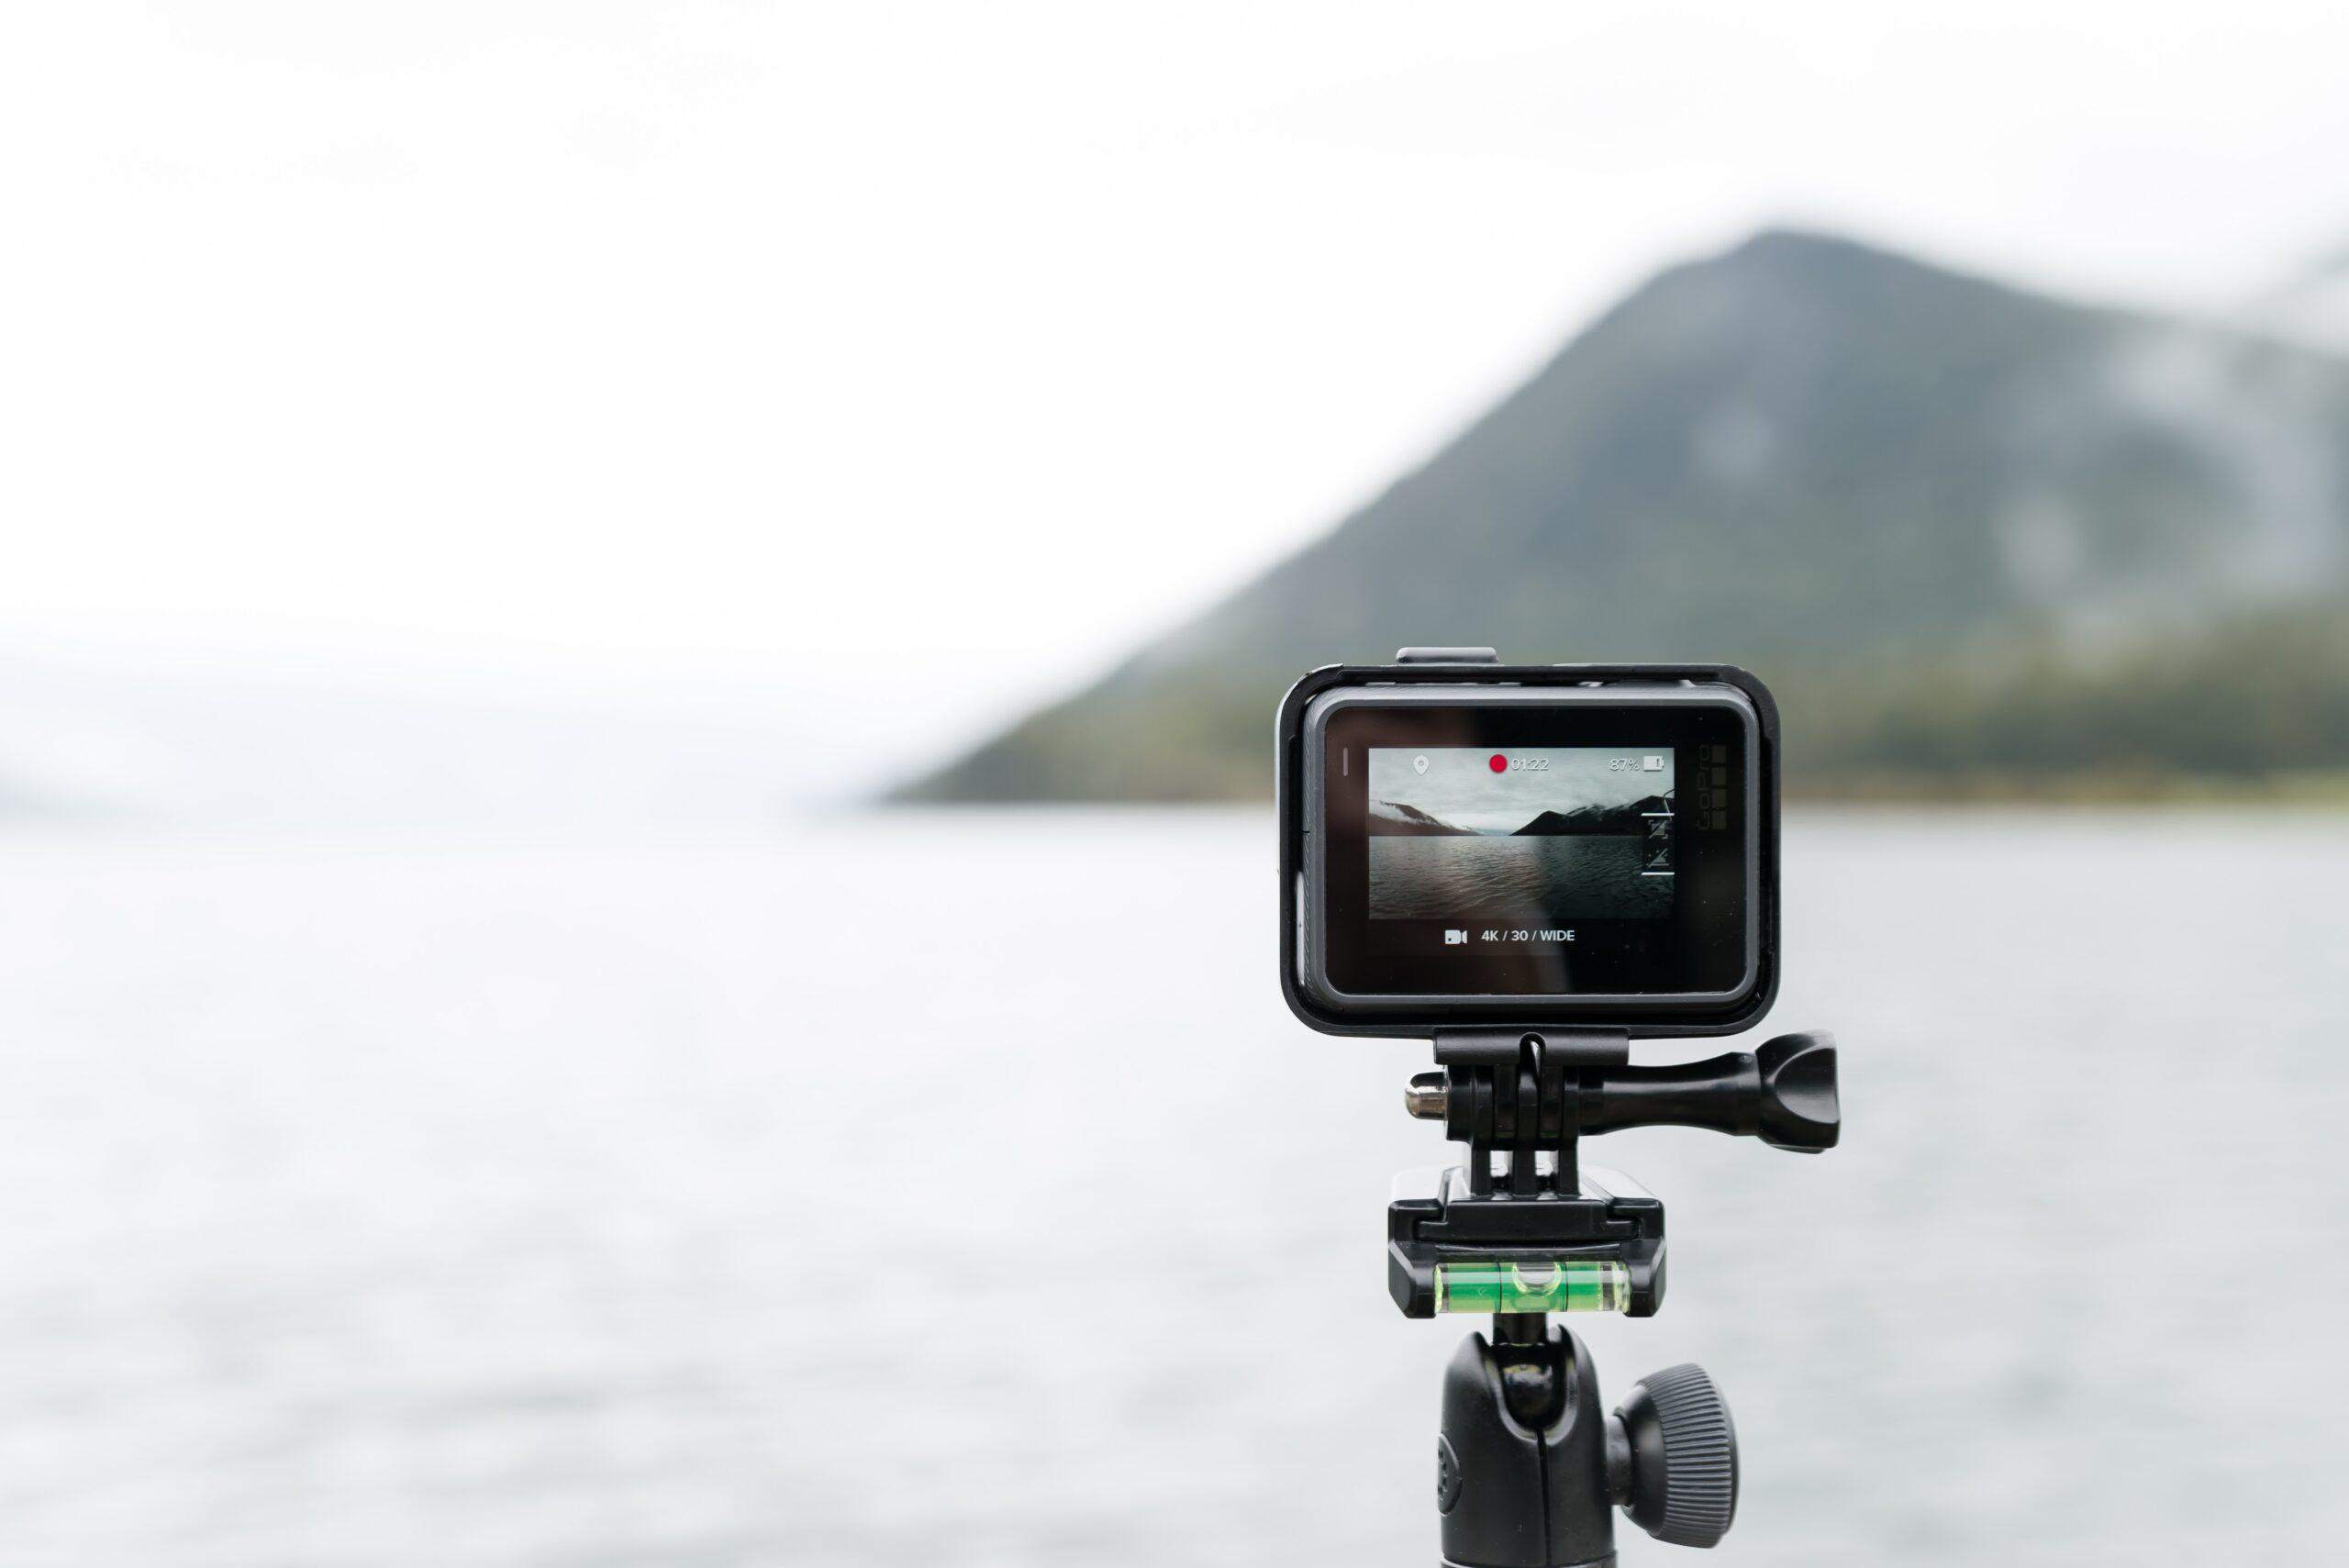 アクションカメラとは何か